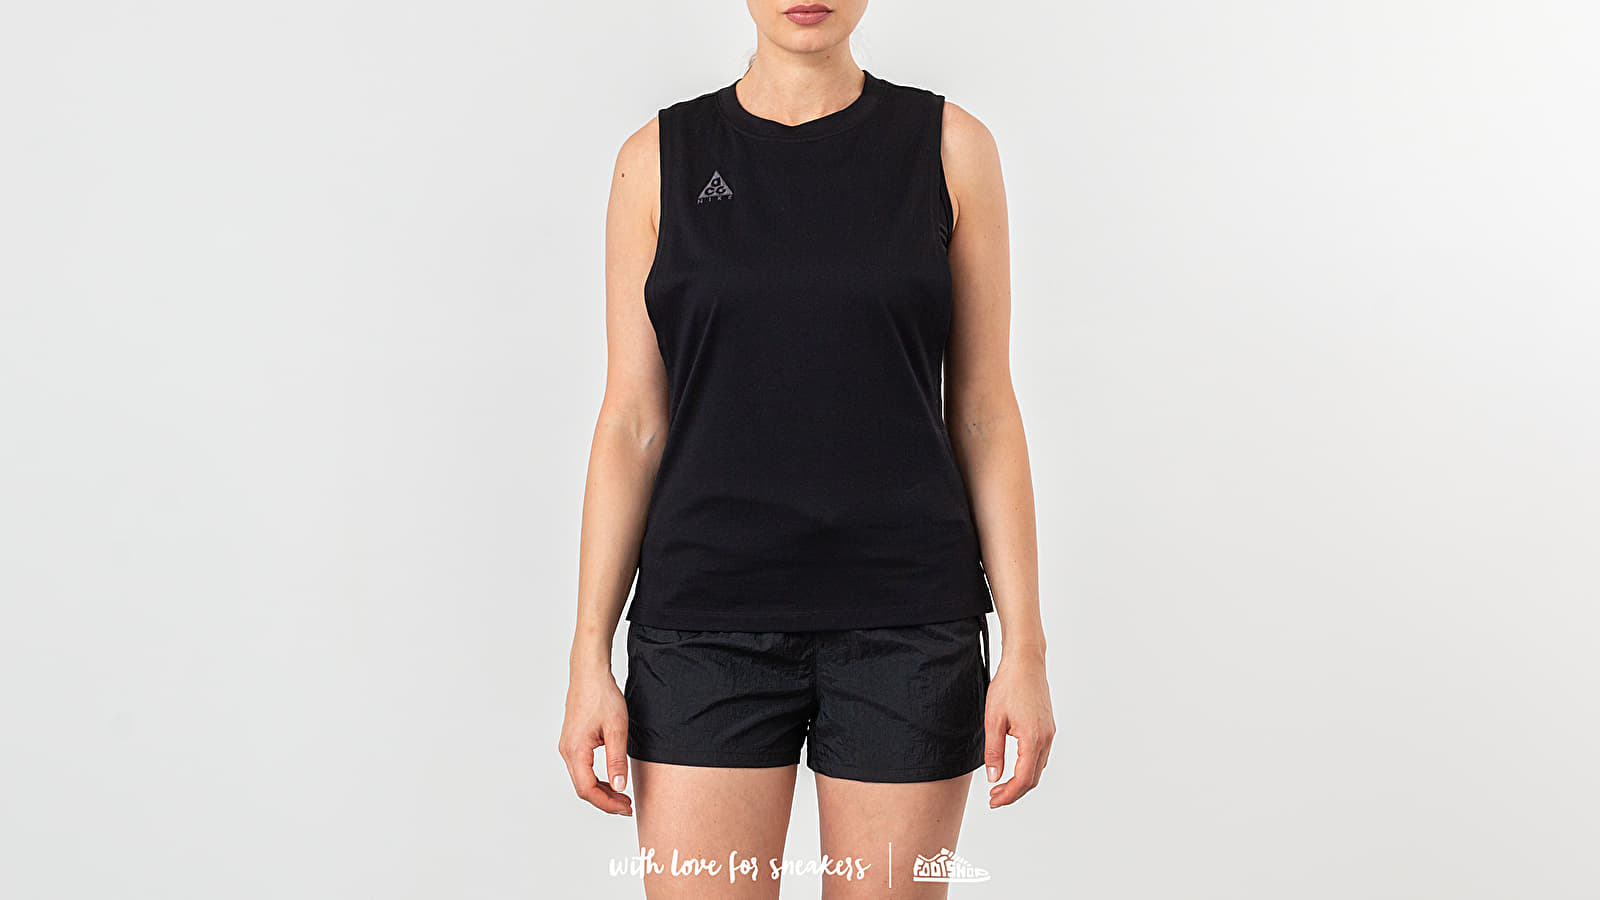 Nike W NRG ACG Tank Black/ Black/ Anthracite za skvelú cenu 48 € kúpite na Footshop.sk